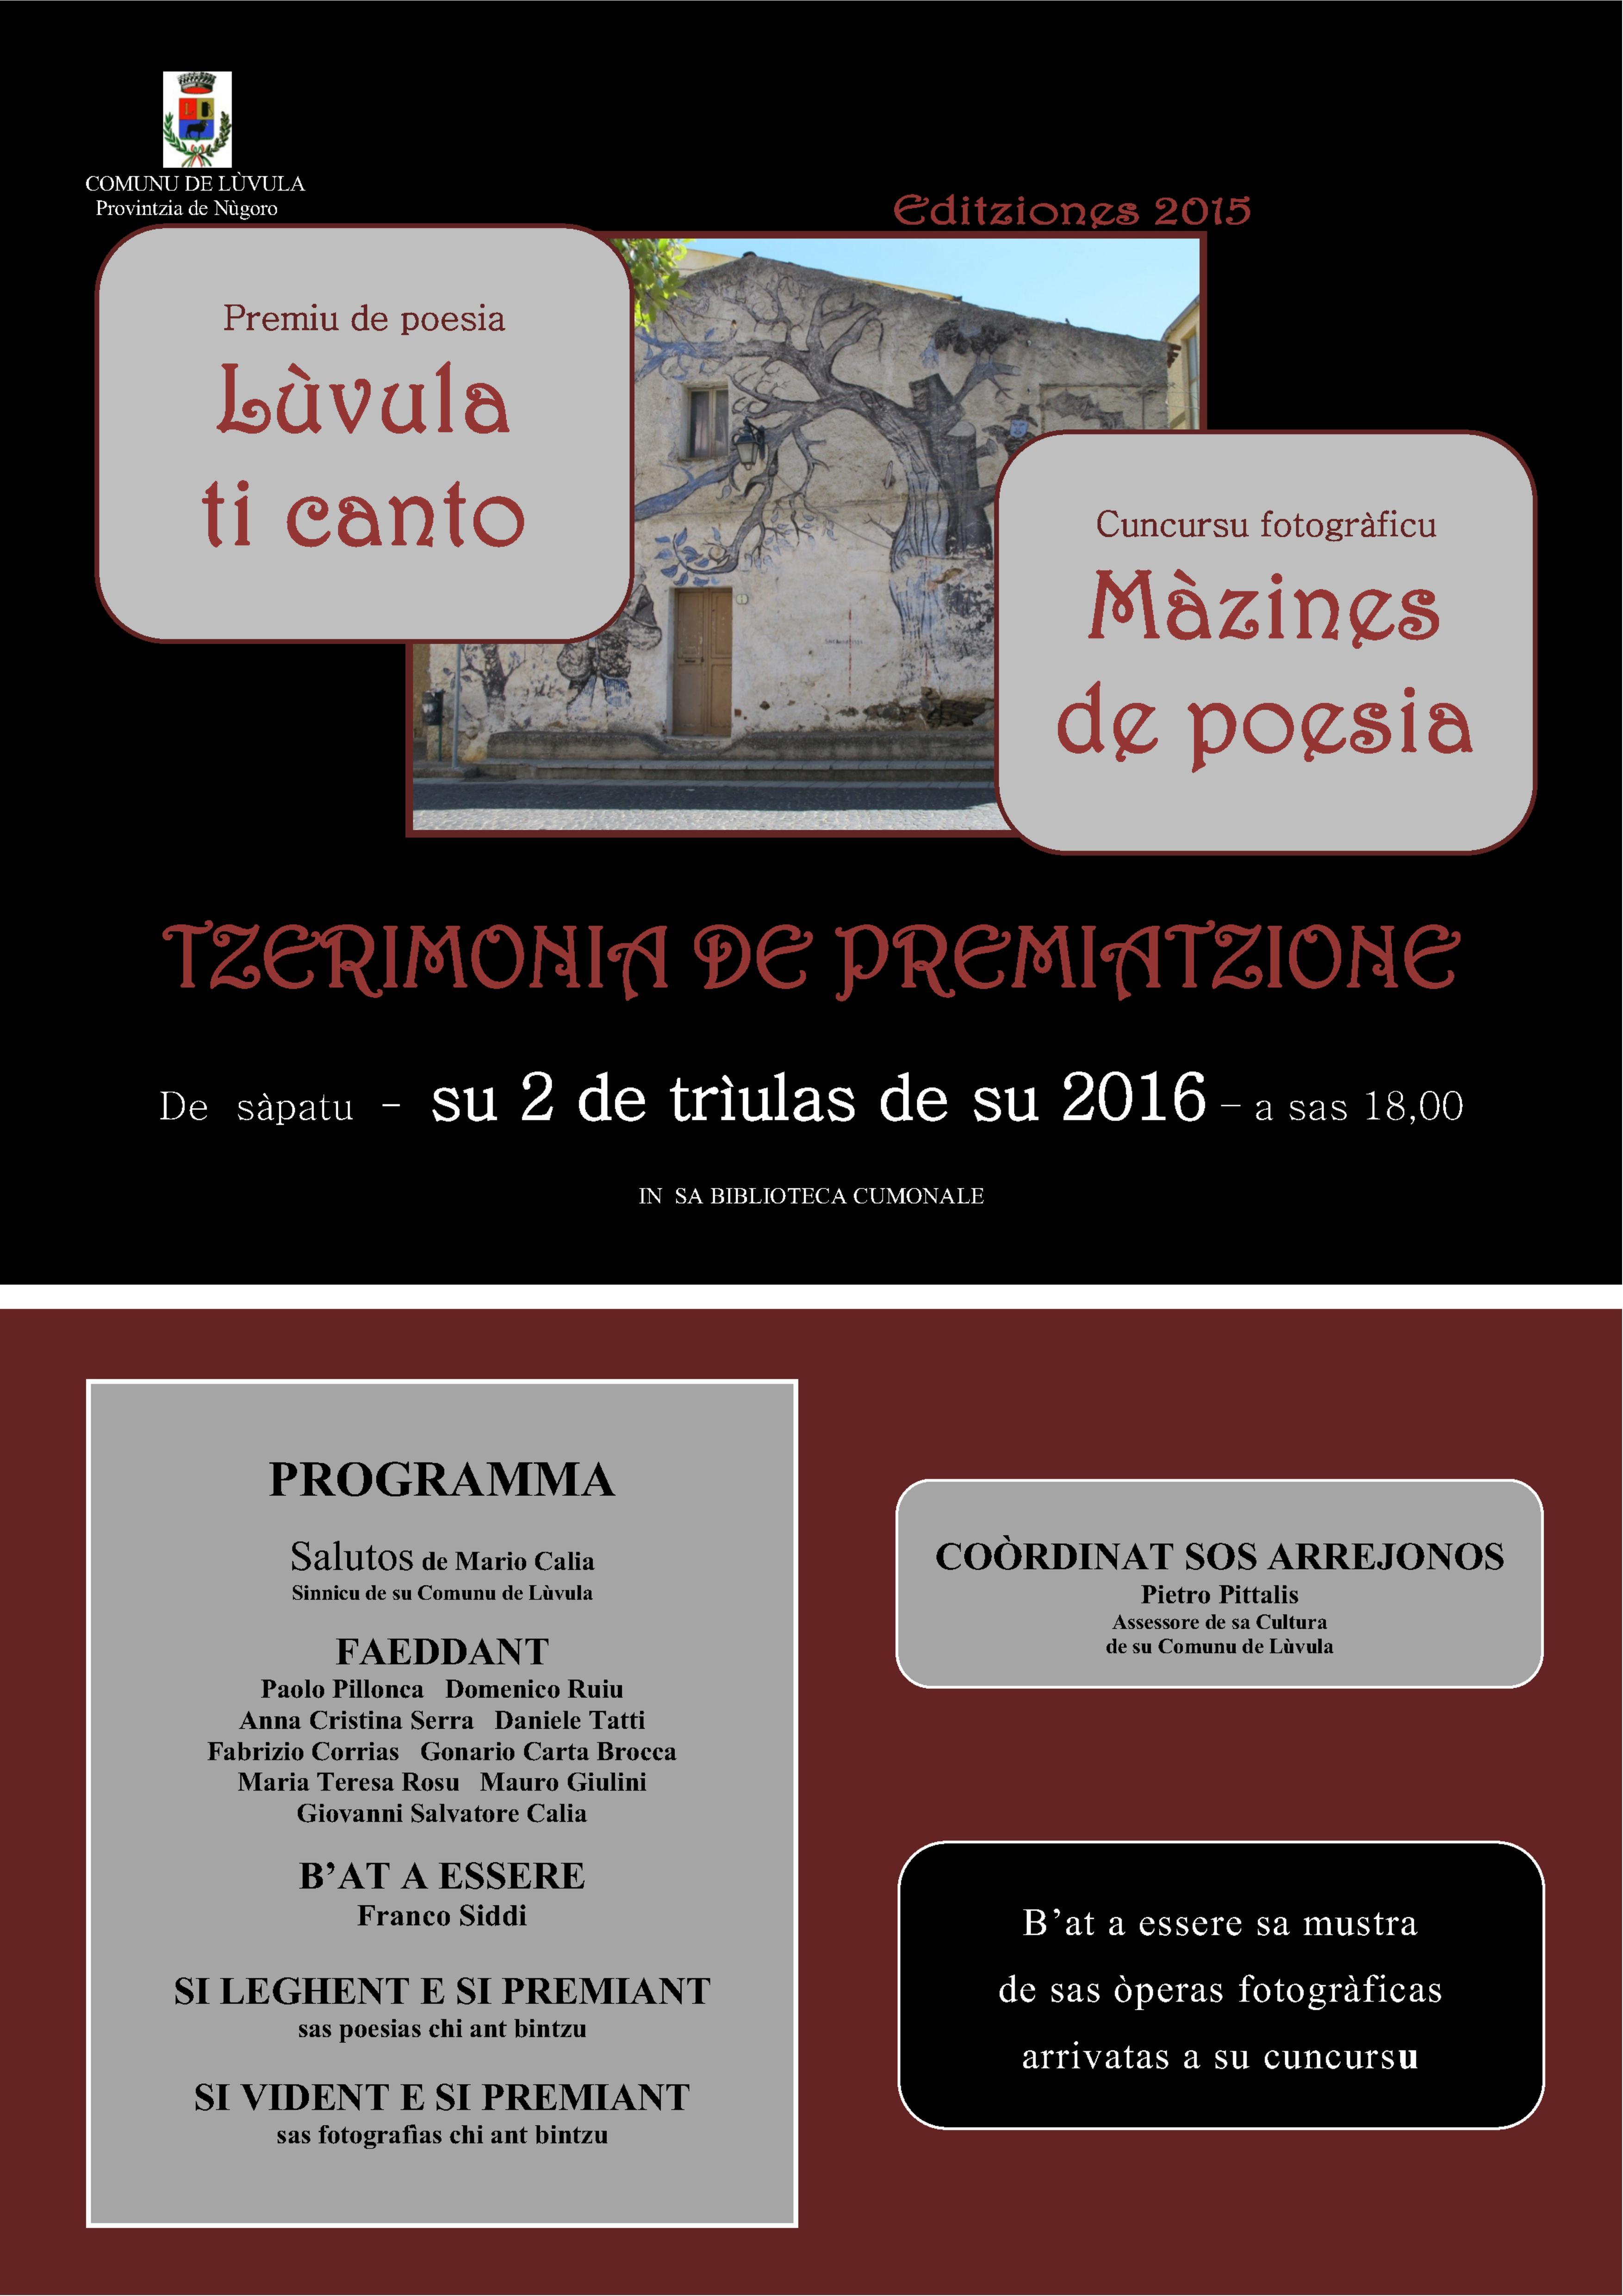 Cerimonia de premiatzione vinchitores 'Lùvula ti canto' e 'Mazines de poesia'